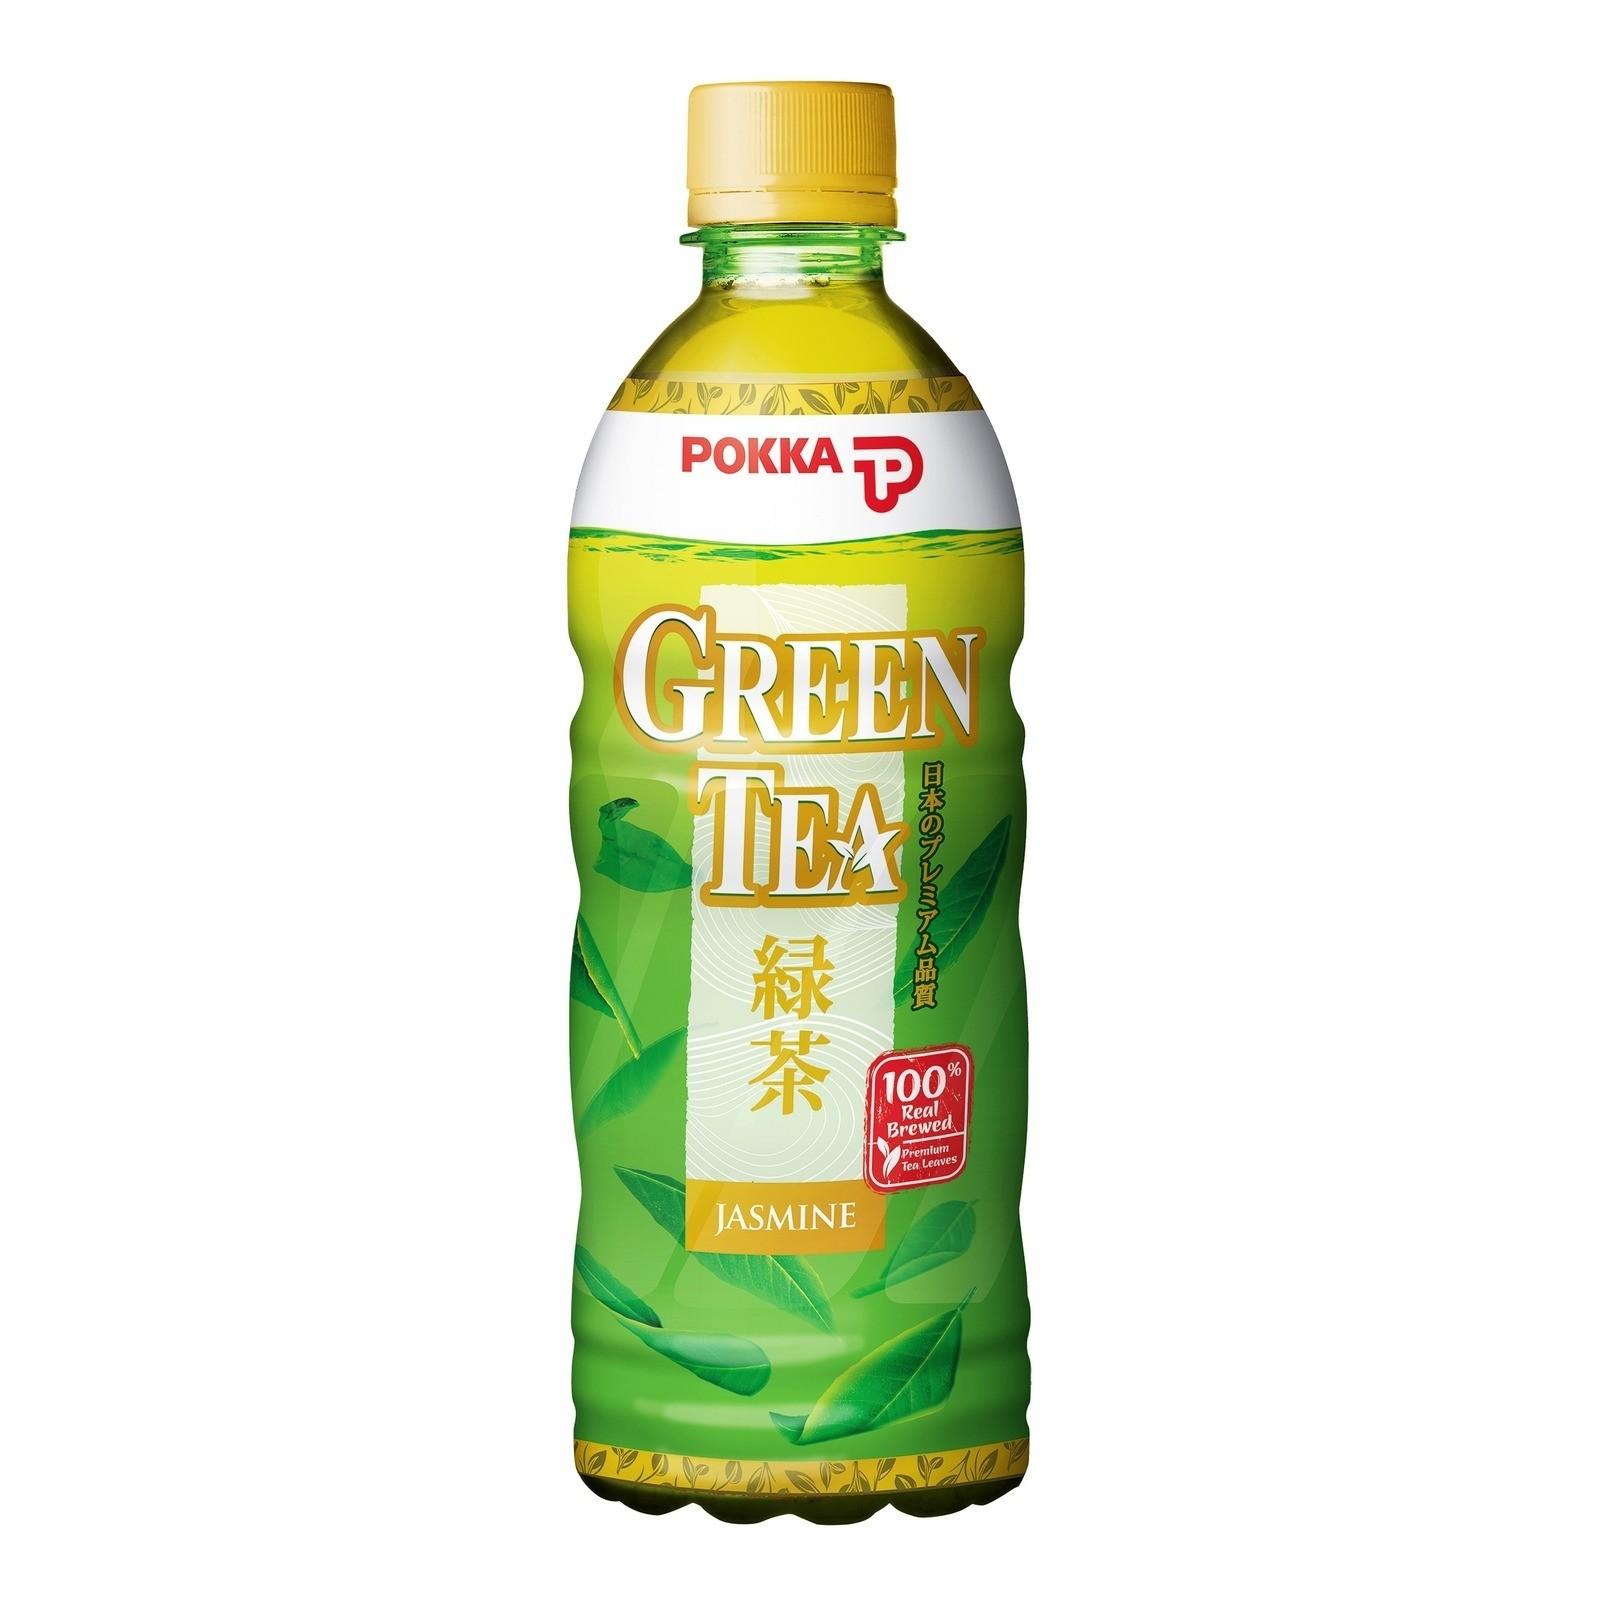 Pokka - Jasmine Green Tea Bottle